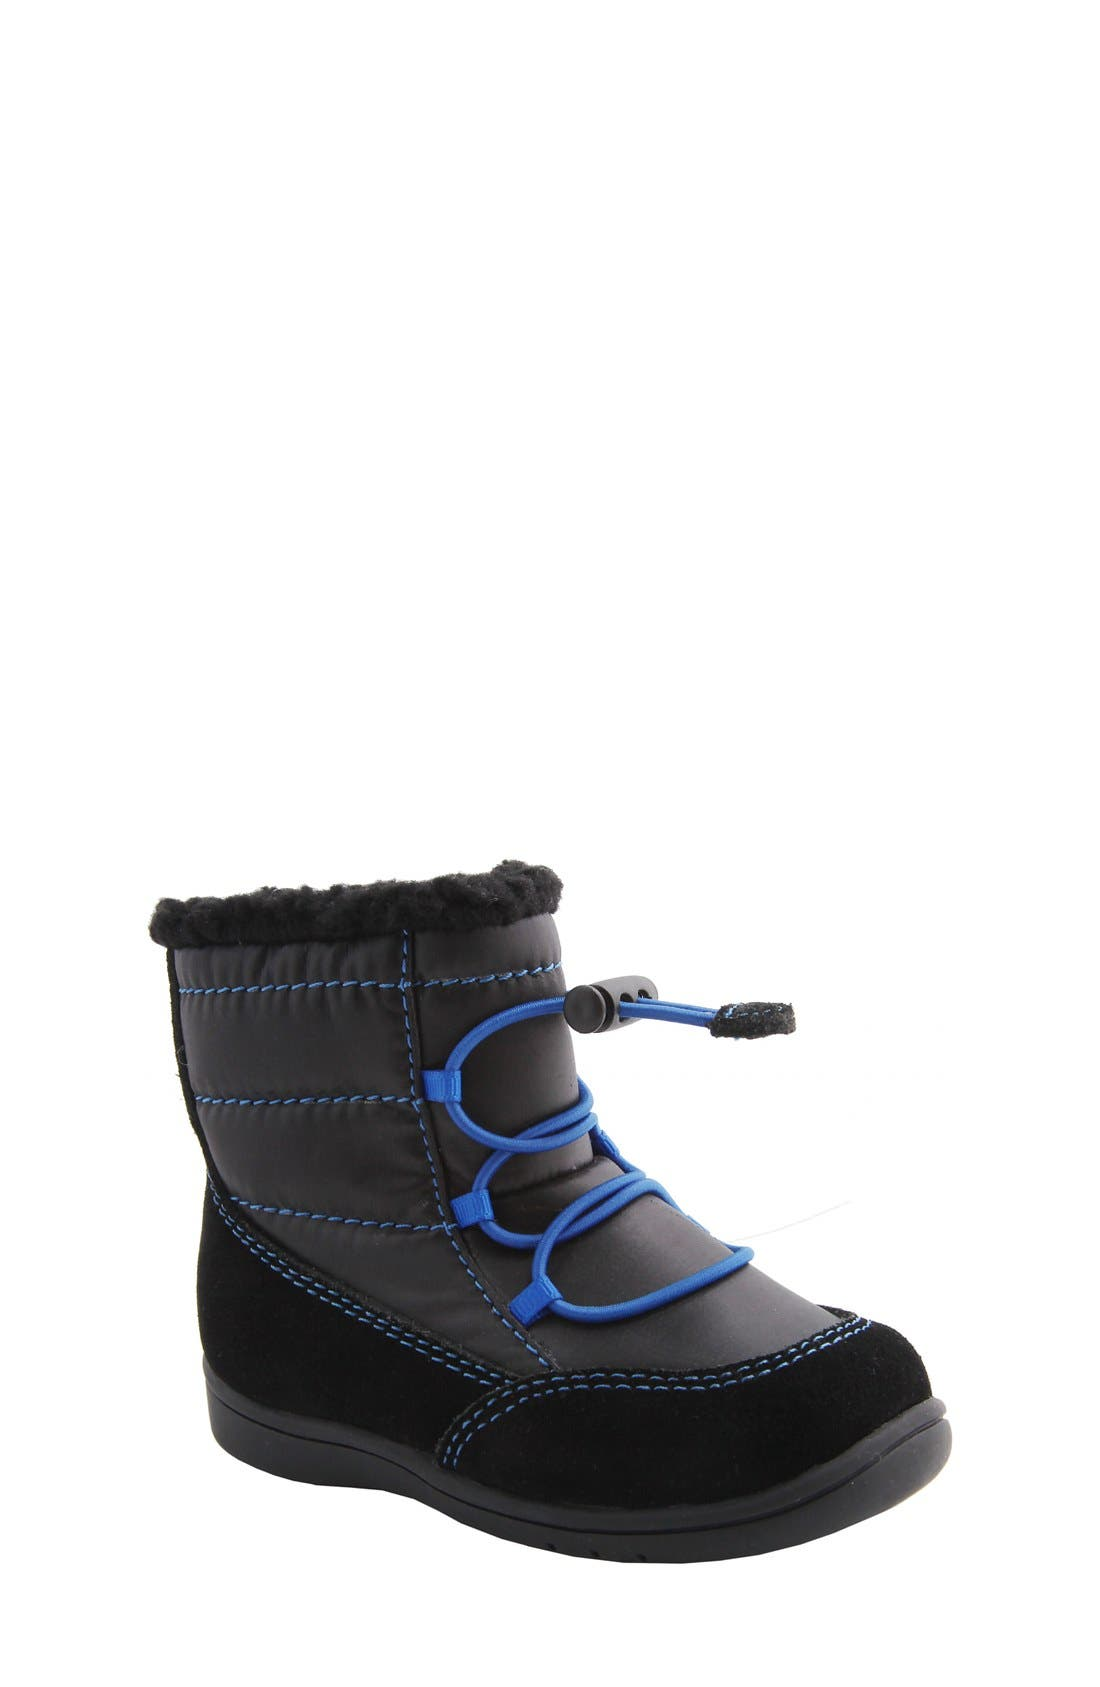 Main Image - Nina 'Yolie' Lace-Up Boot (Baby & Walker)